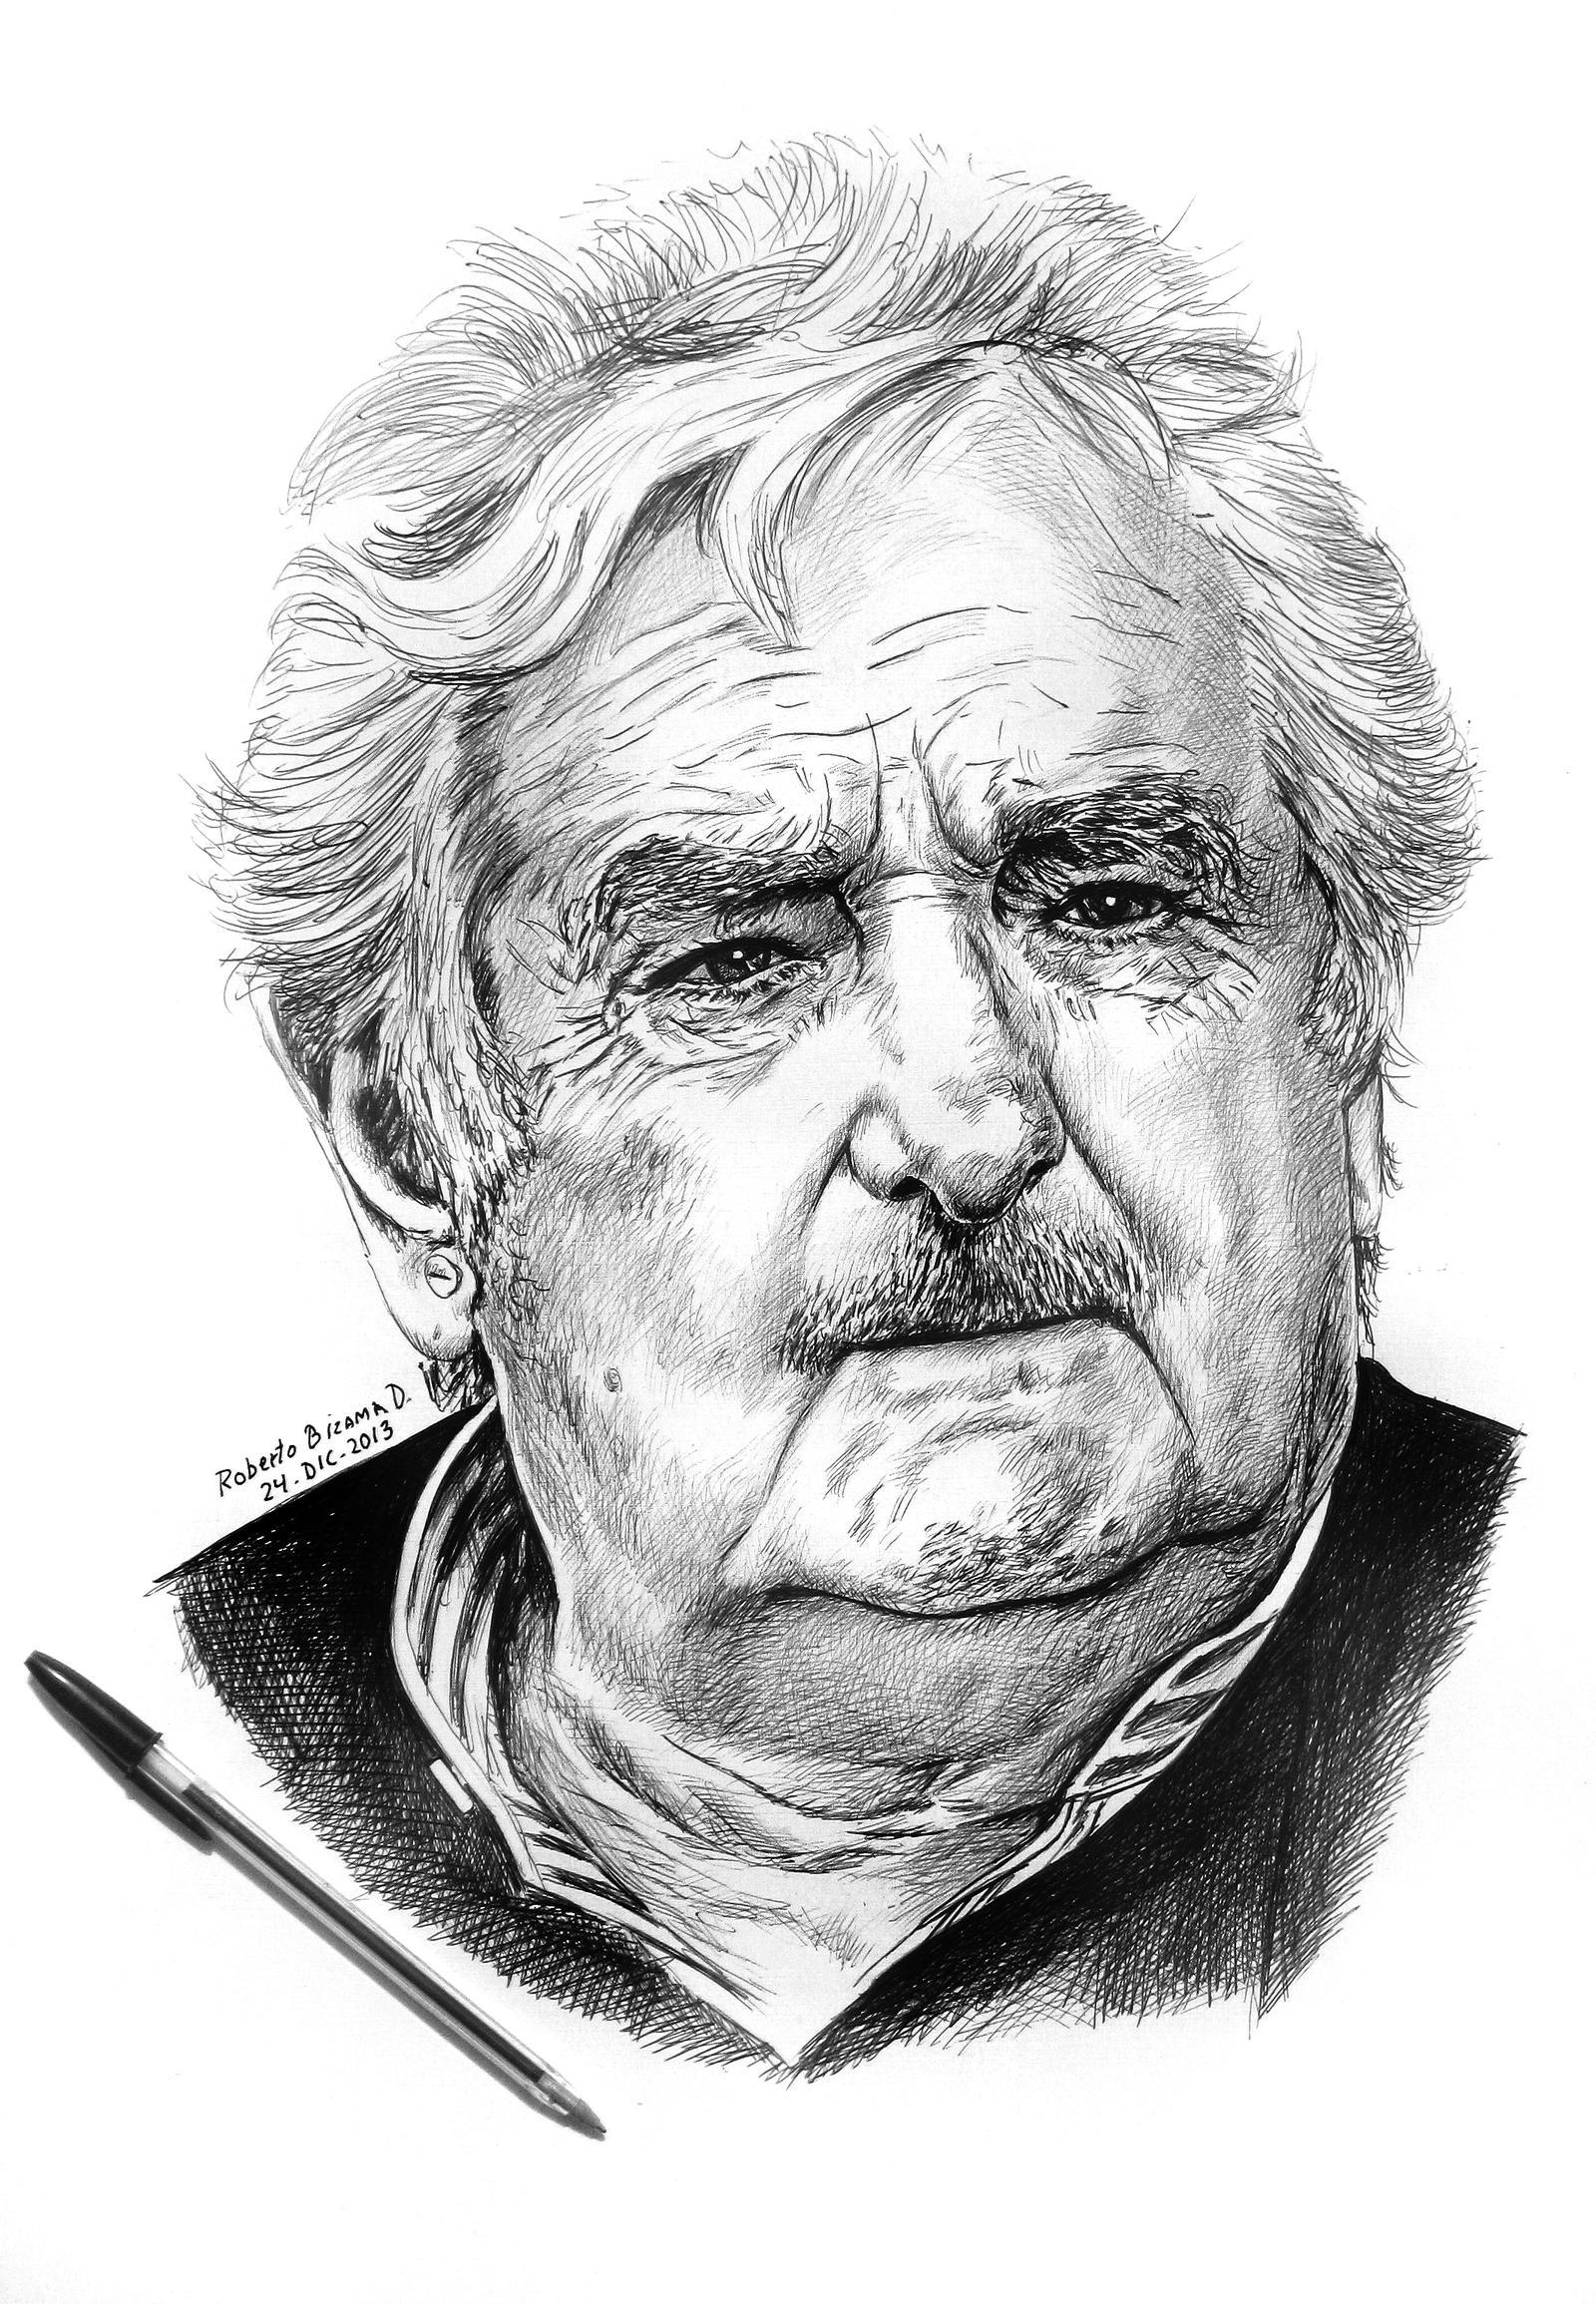 http://img03.deviantart.net/58a2/i/2013/362/a/d/jose_mujica_by_robertobizama-d6zq9kn.jpg